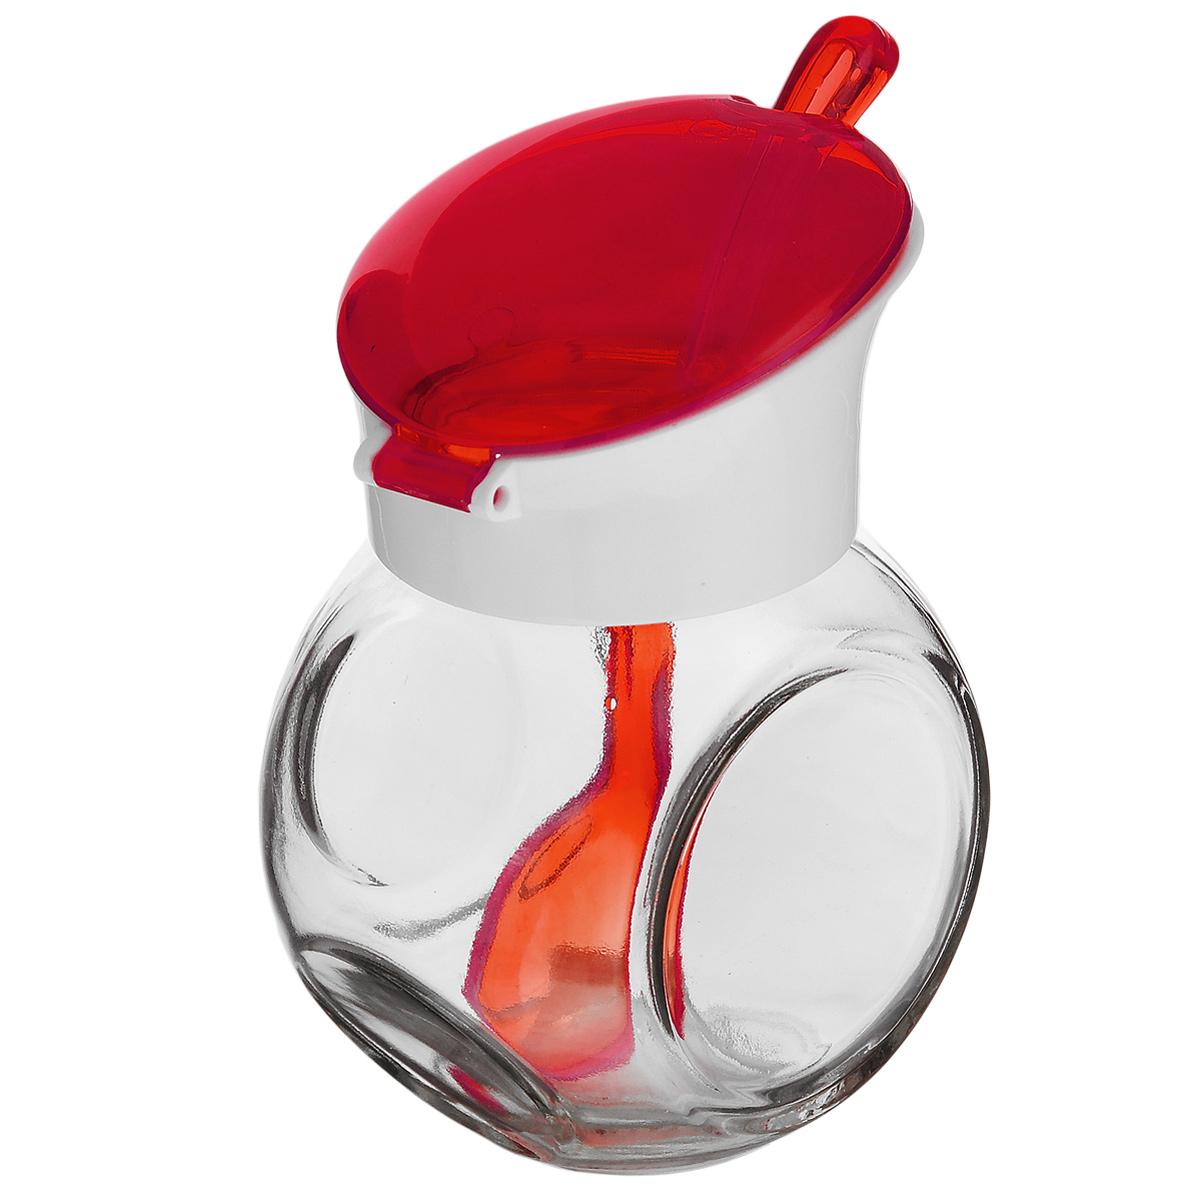 Емкость для соуса Herevin, с ложкой, цвет: красный, белый, 225 мл131004-000Емкость для соуса Herevin изготовлена из прочного стекла. Банка оснащена пластиковой откидной крышкой и ложкой. Изделие предназначено для хранения различных соусов. Функциональная и вместительная, такая банка станет незаменимым аксессуаром на любой кухне. Можно мыть в посудомоечной машине. Пластиковые части рекомендуется мыть вручную.Диаметр (по верхнему краю): 4,5 см.Высота банки (без учета крышки): 8 см.Длина ложки: 13 см.